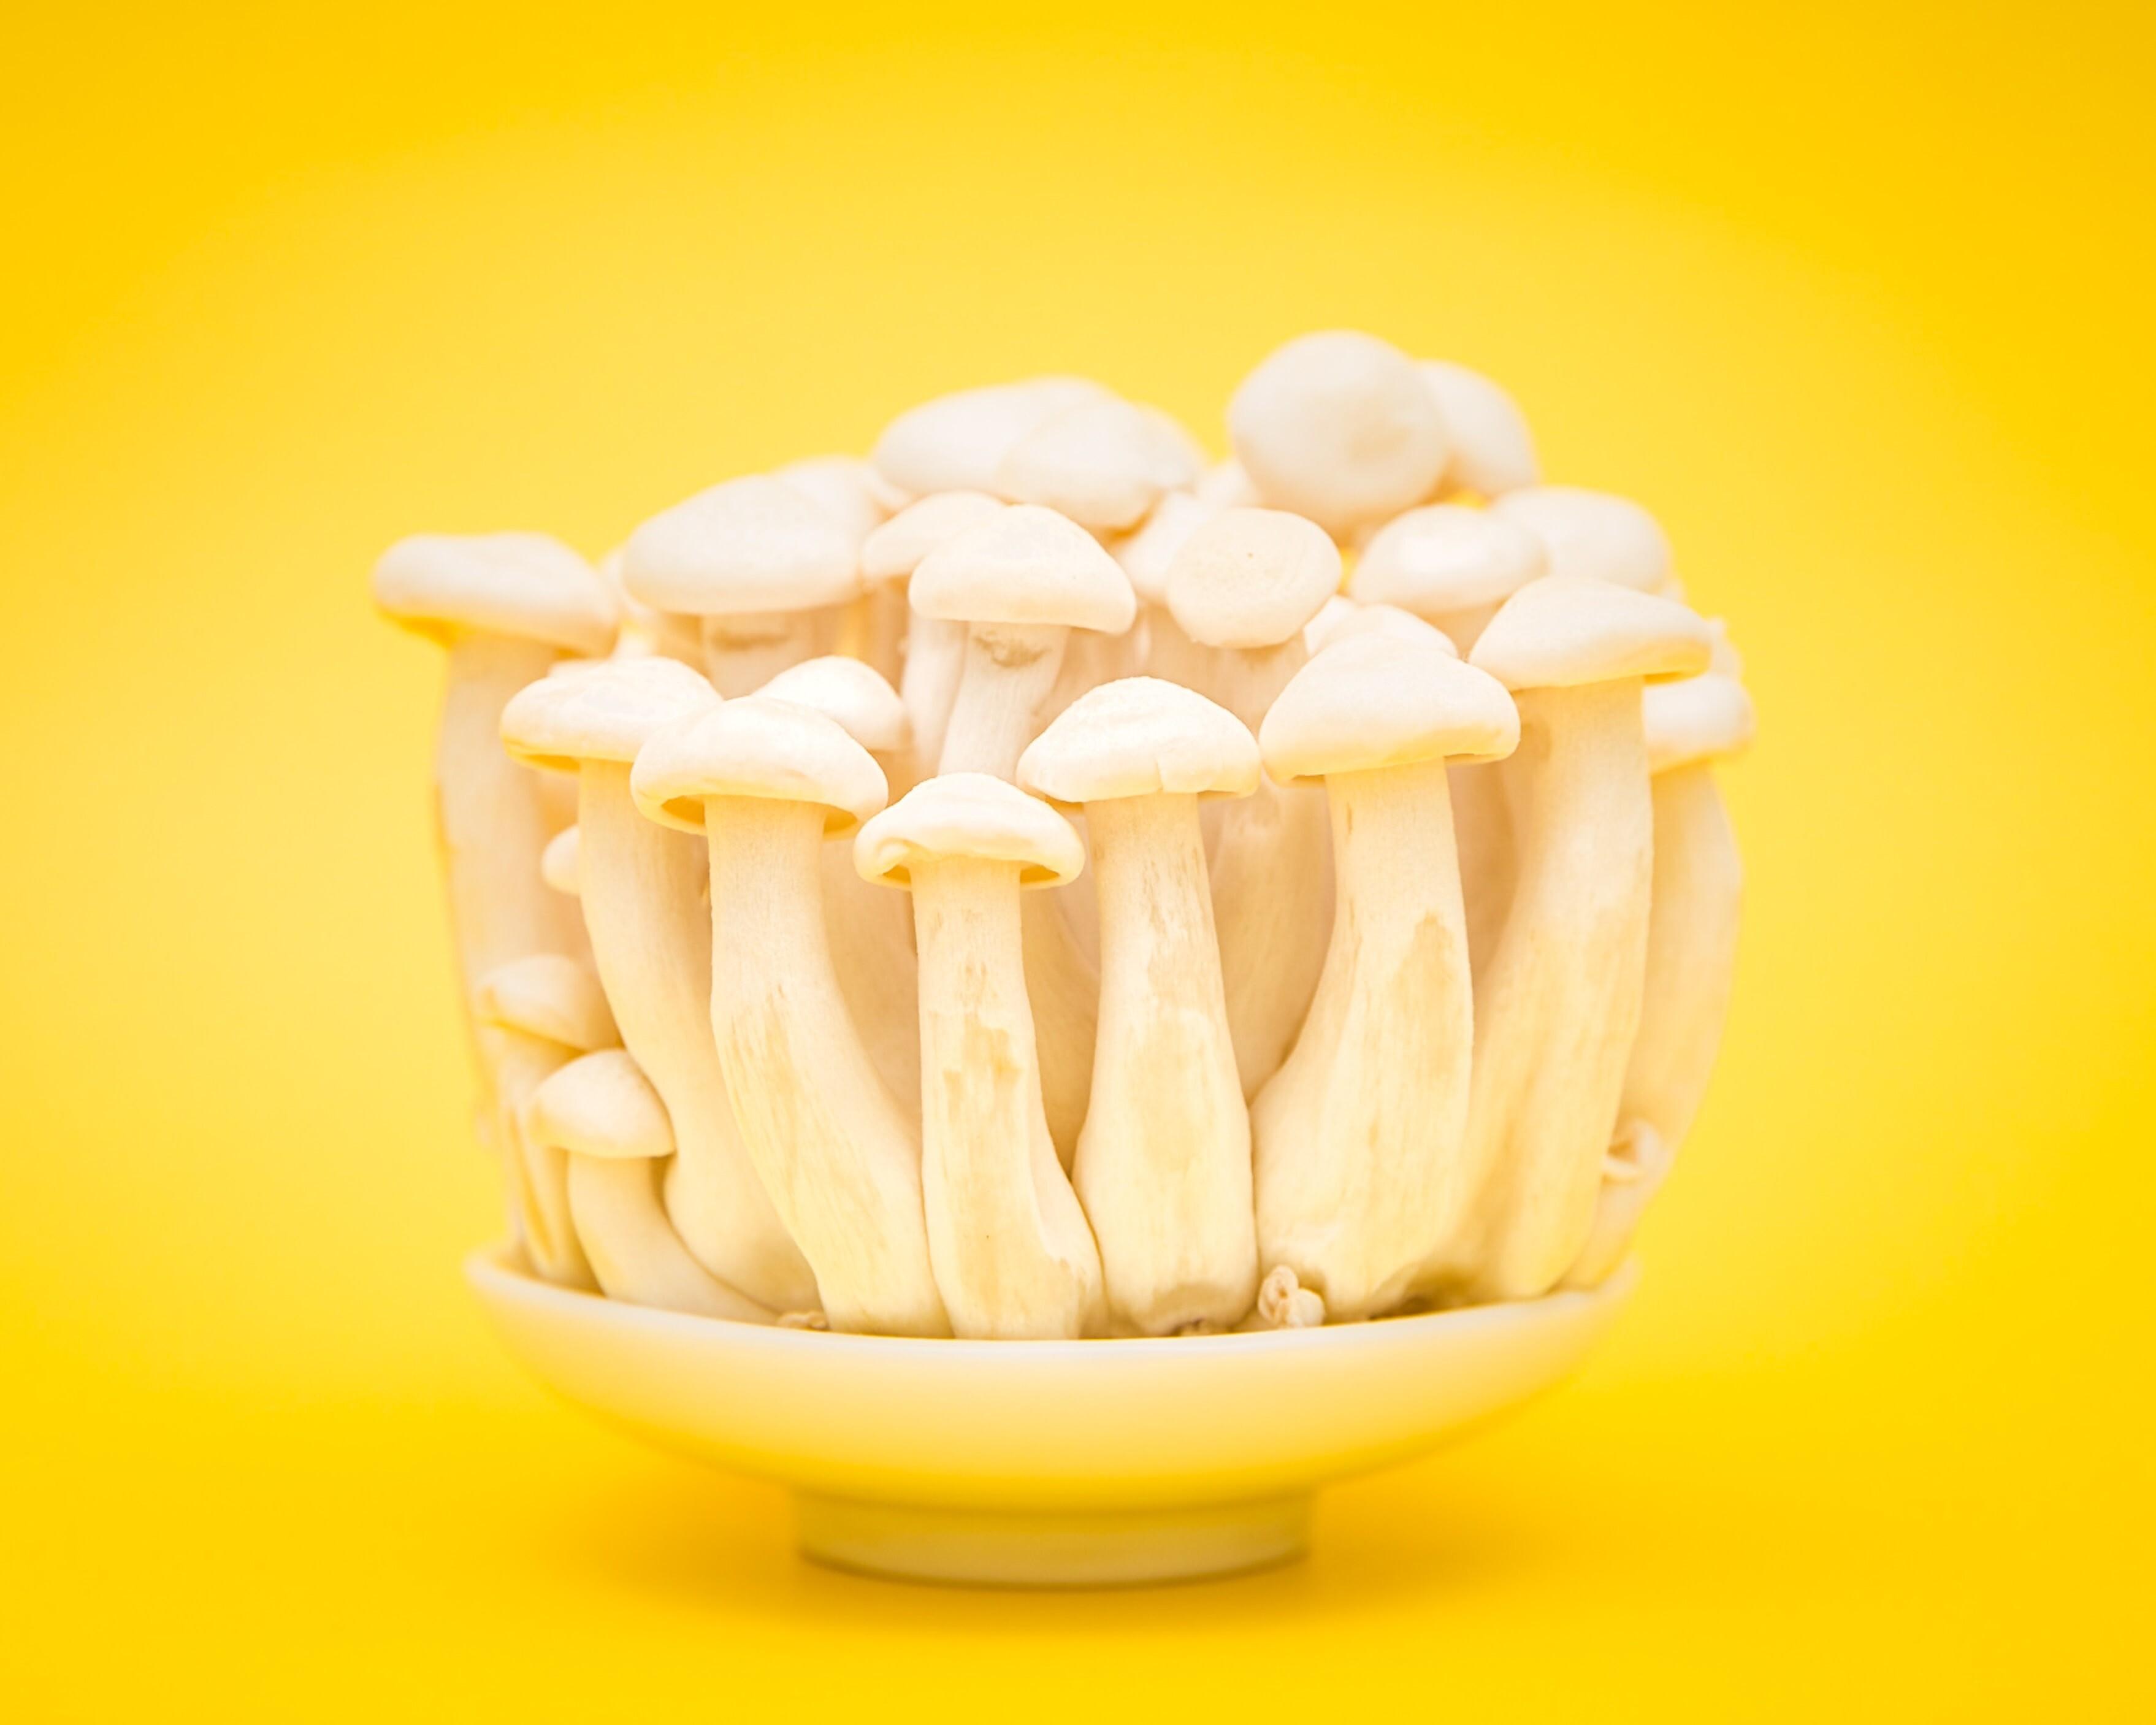 Как заморозить белые грибы на зиму: справится даже ребенок